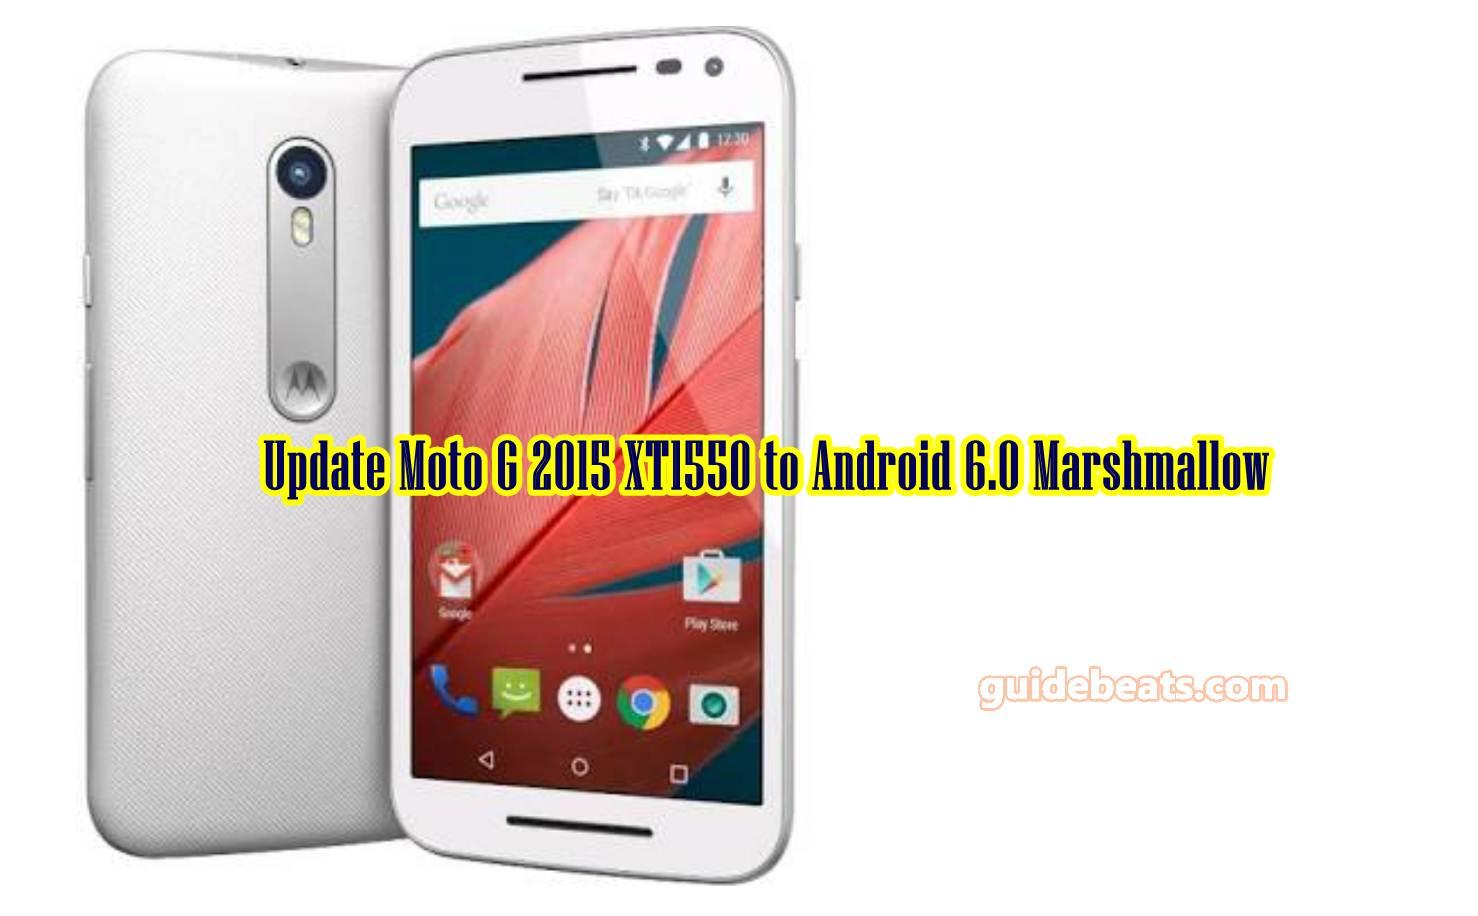 Update Moto G 2015 XT1550